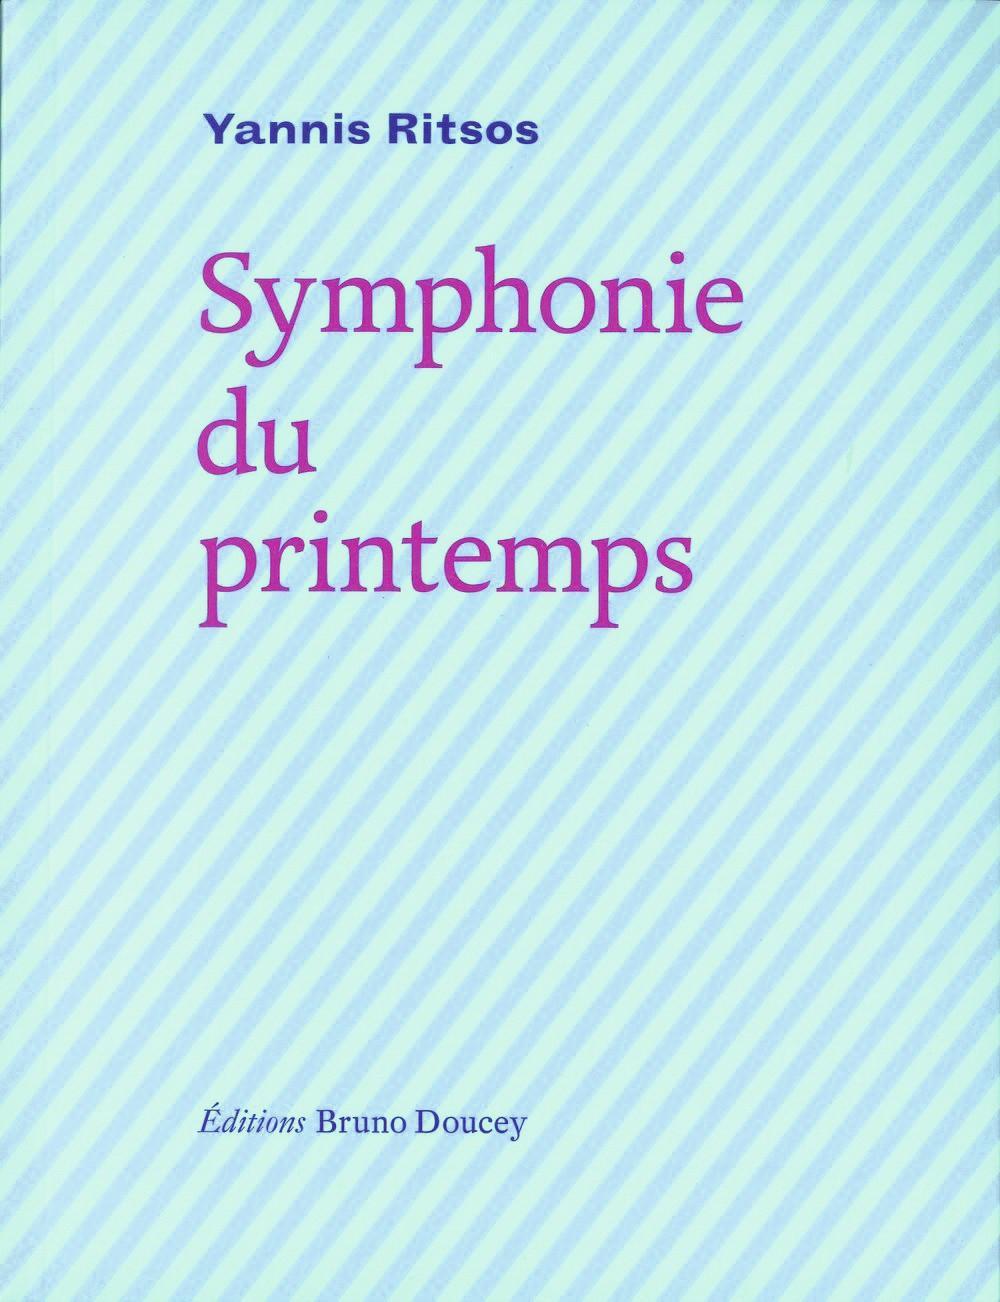 Symphonie du printemps, Yannis Ritsos, Éditions Bruno Doucey.